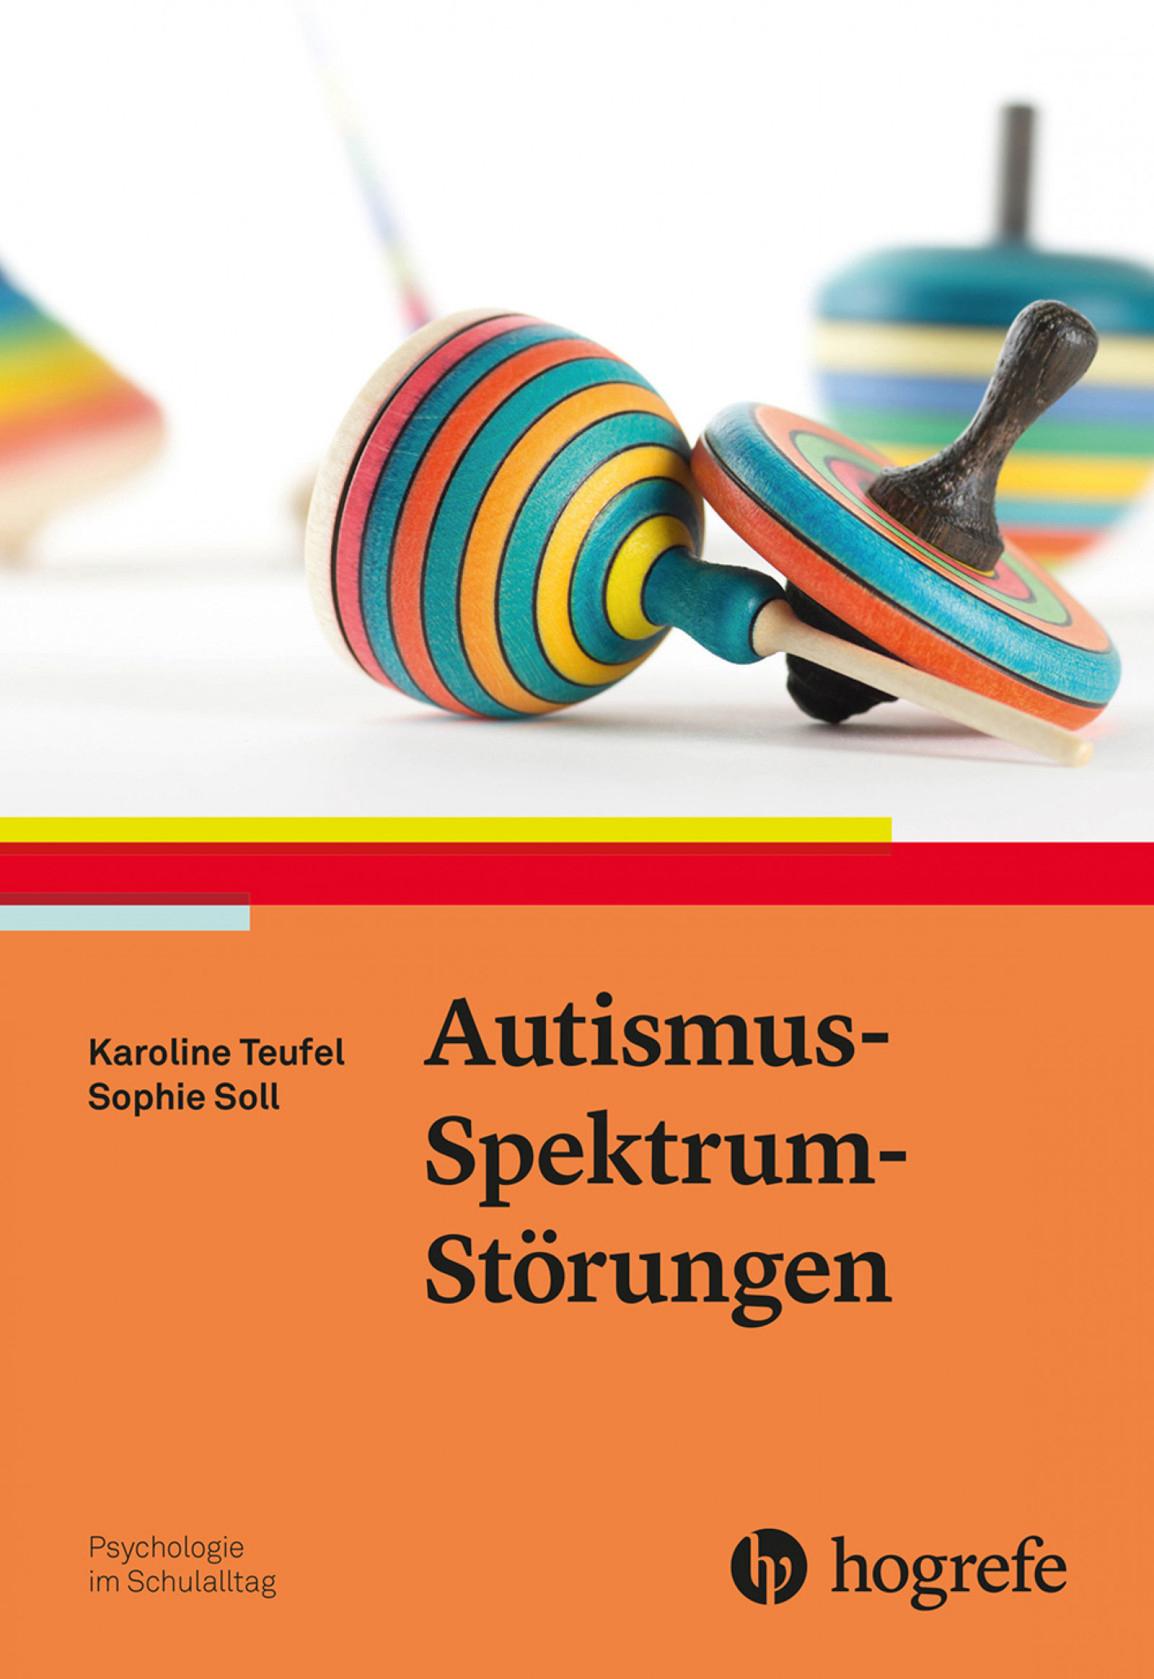 Autismus-Spektrum-Störungen